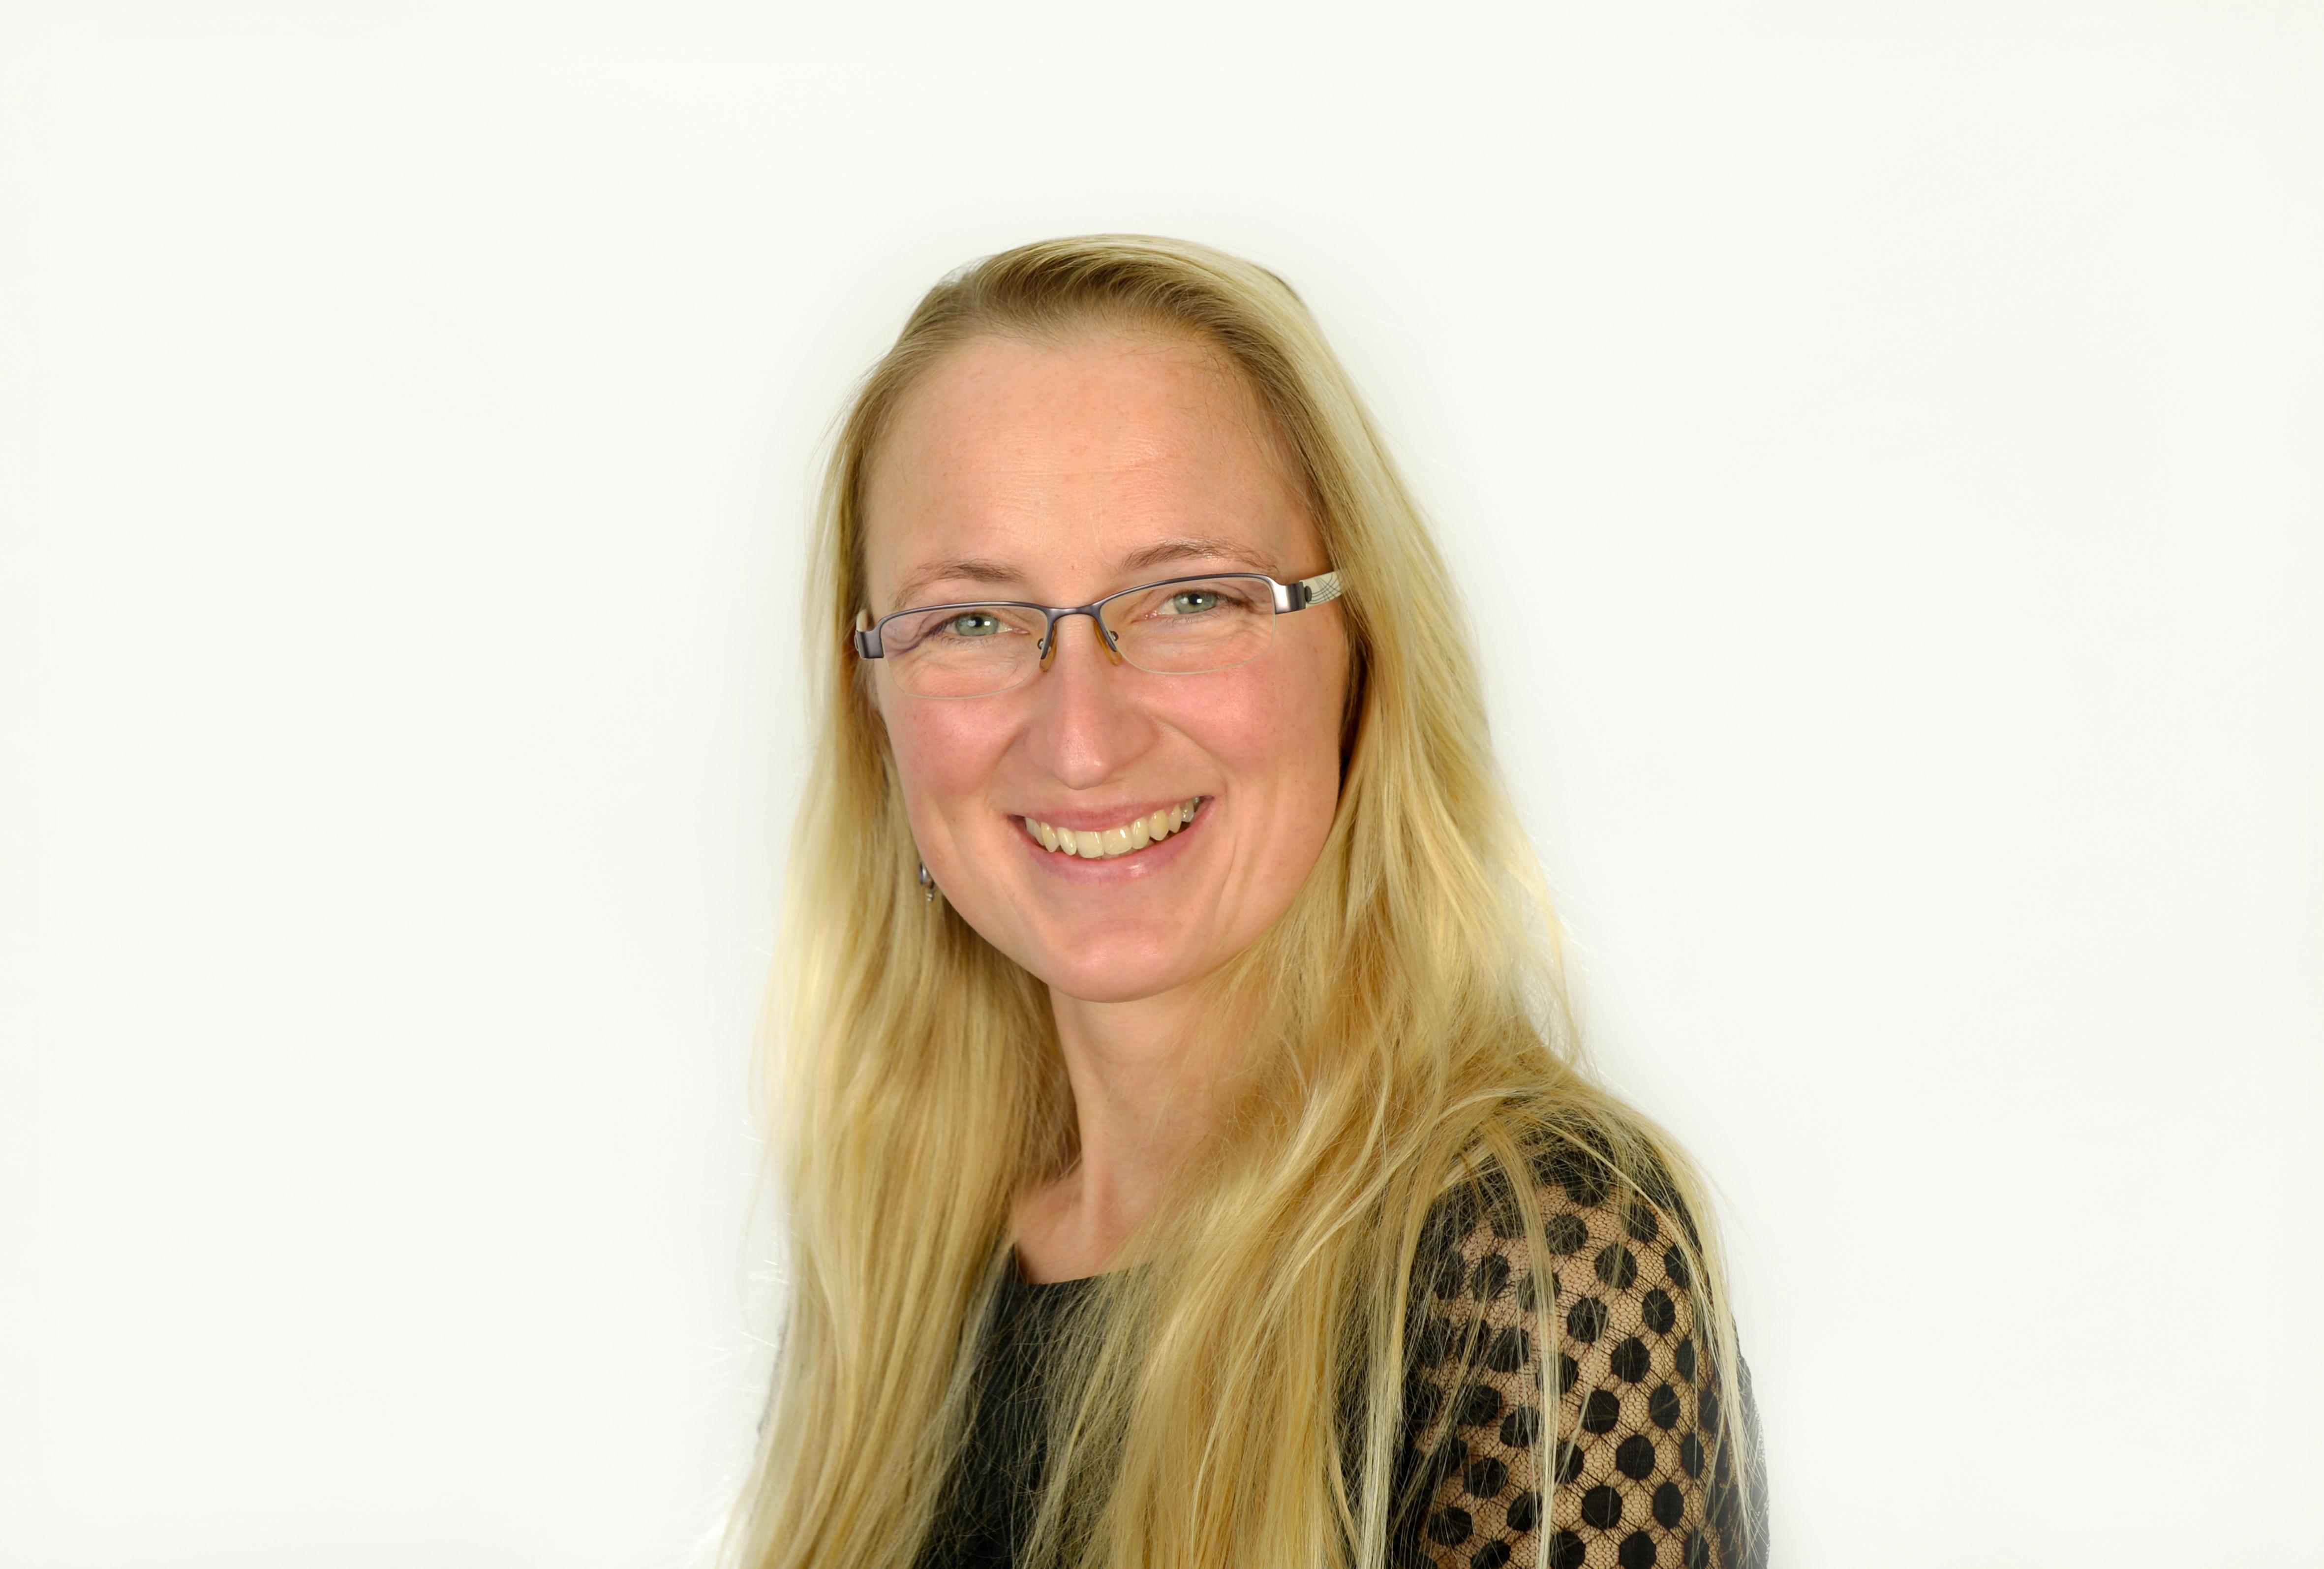 Isabel Stühler